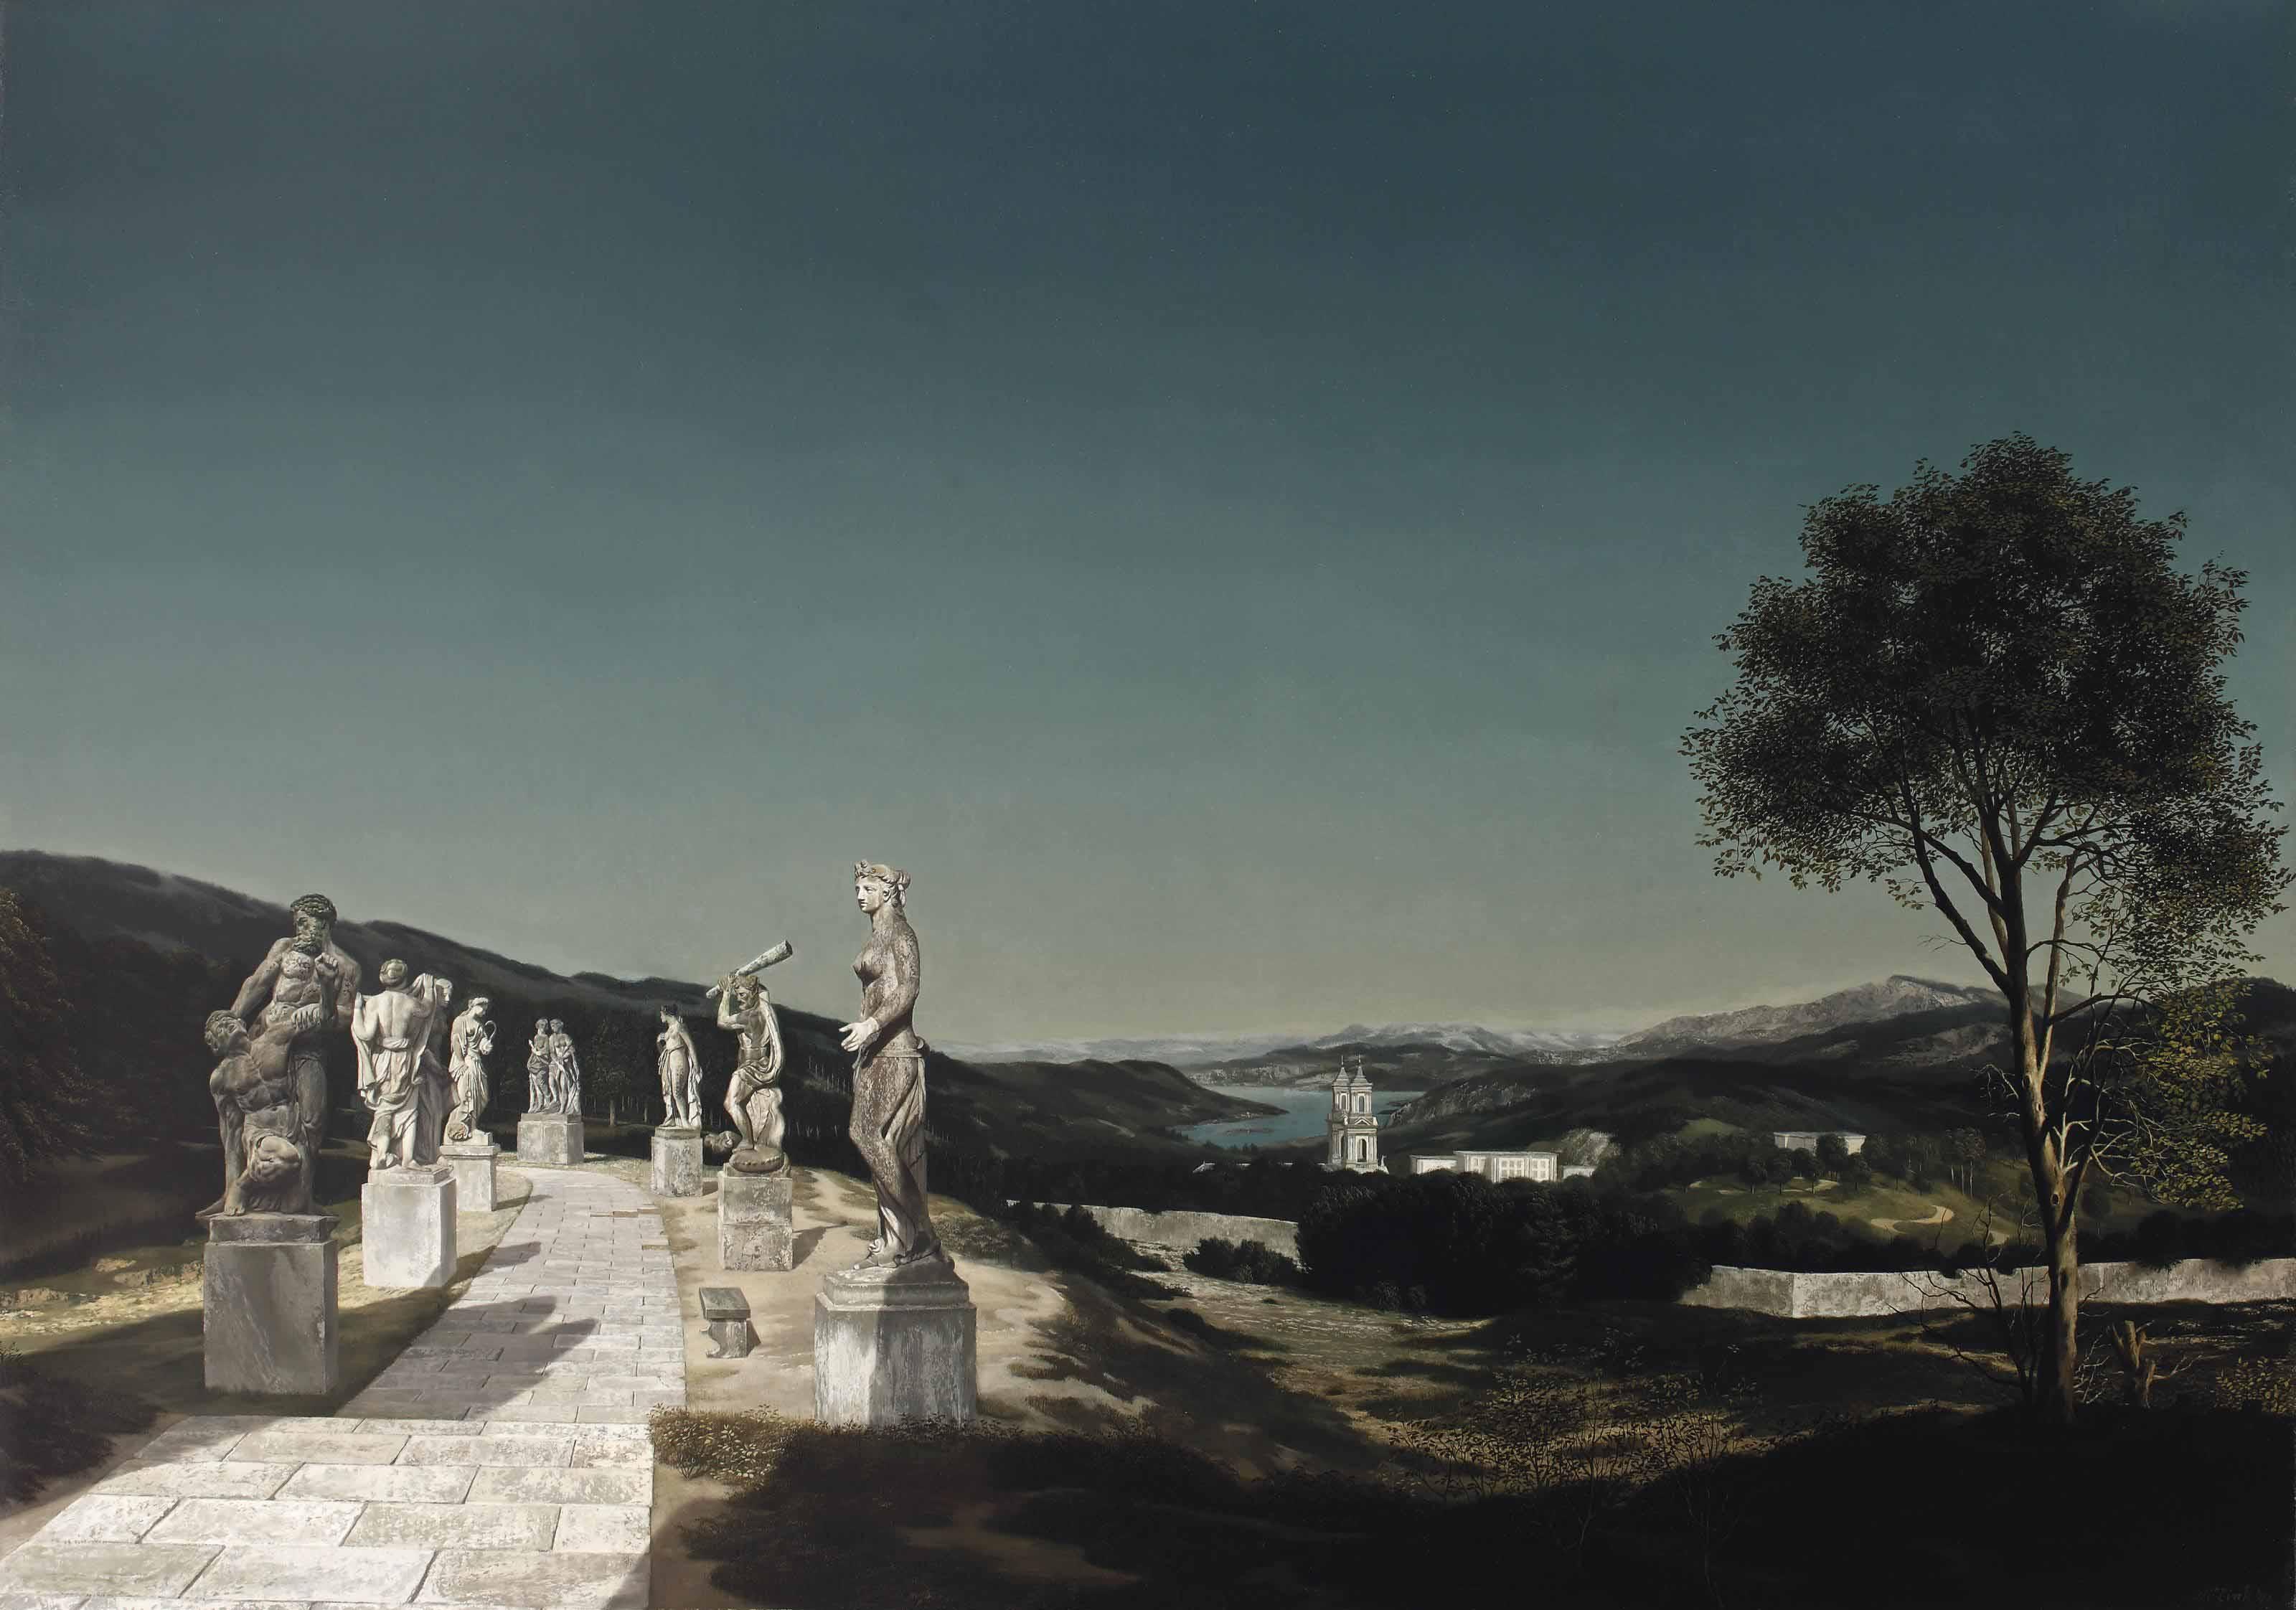 Landschap met zeven beelden